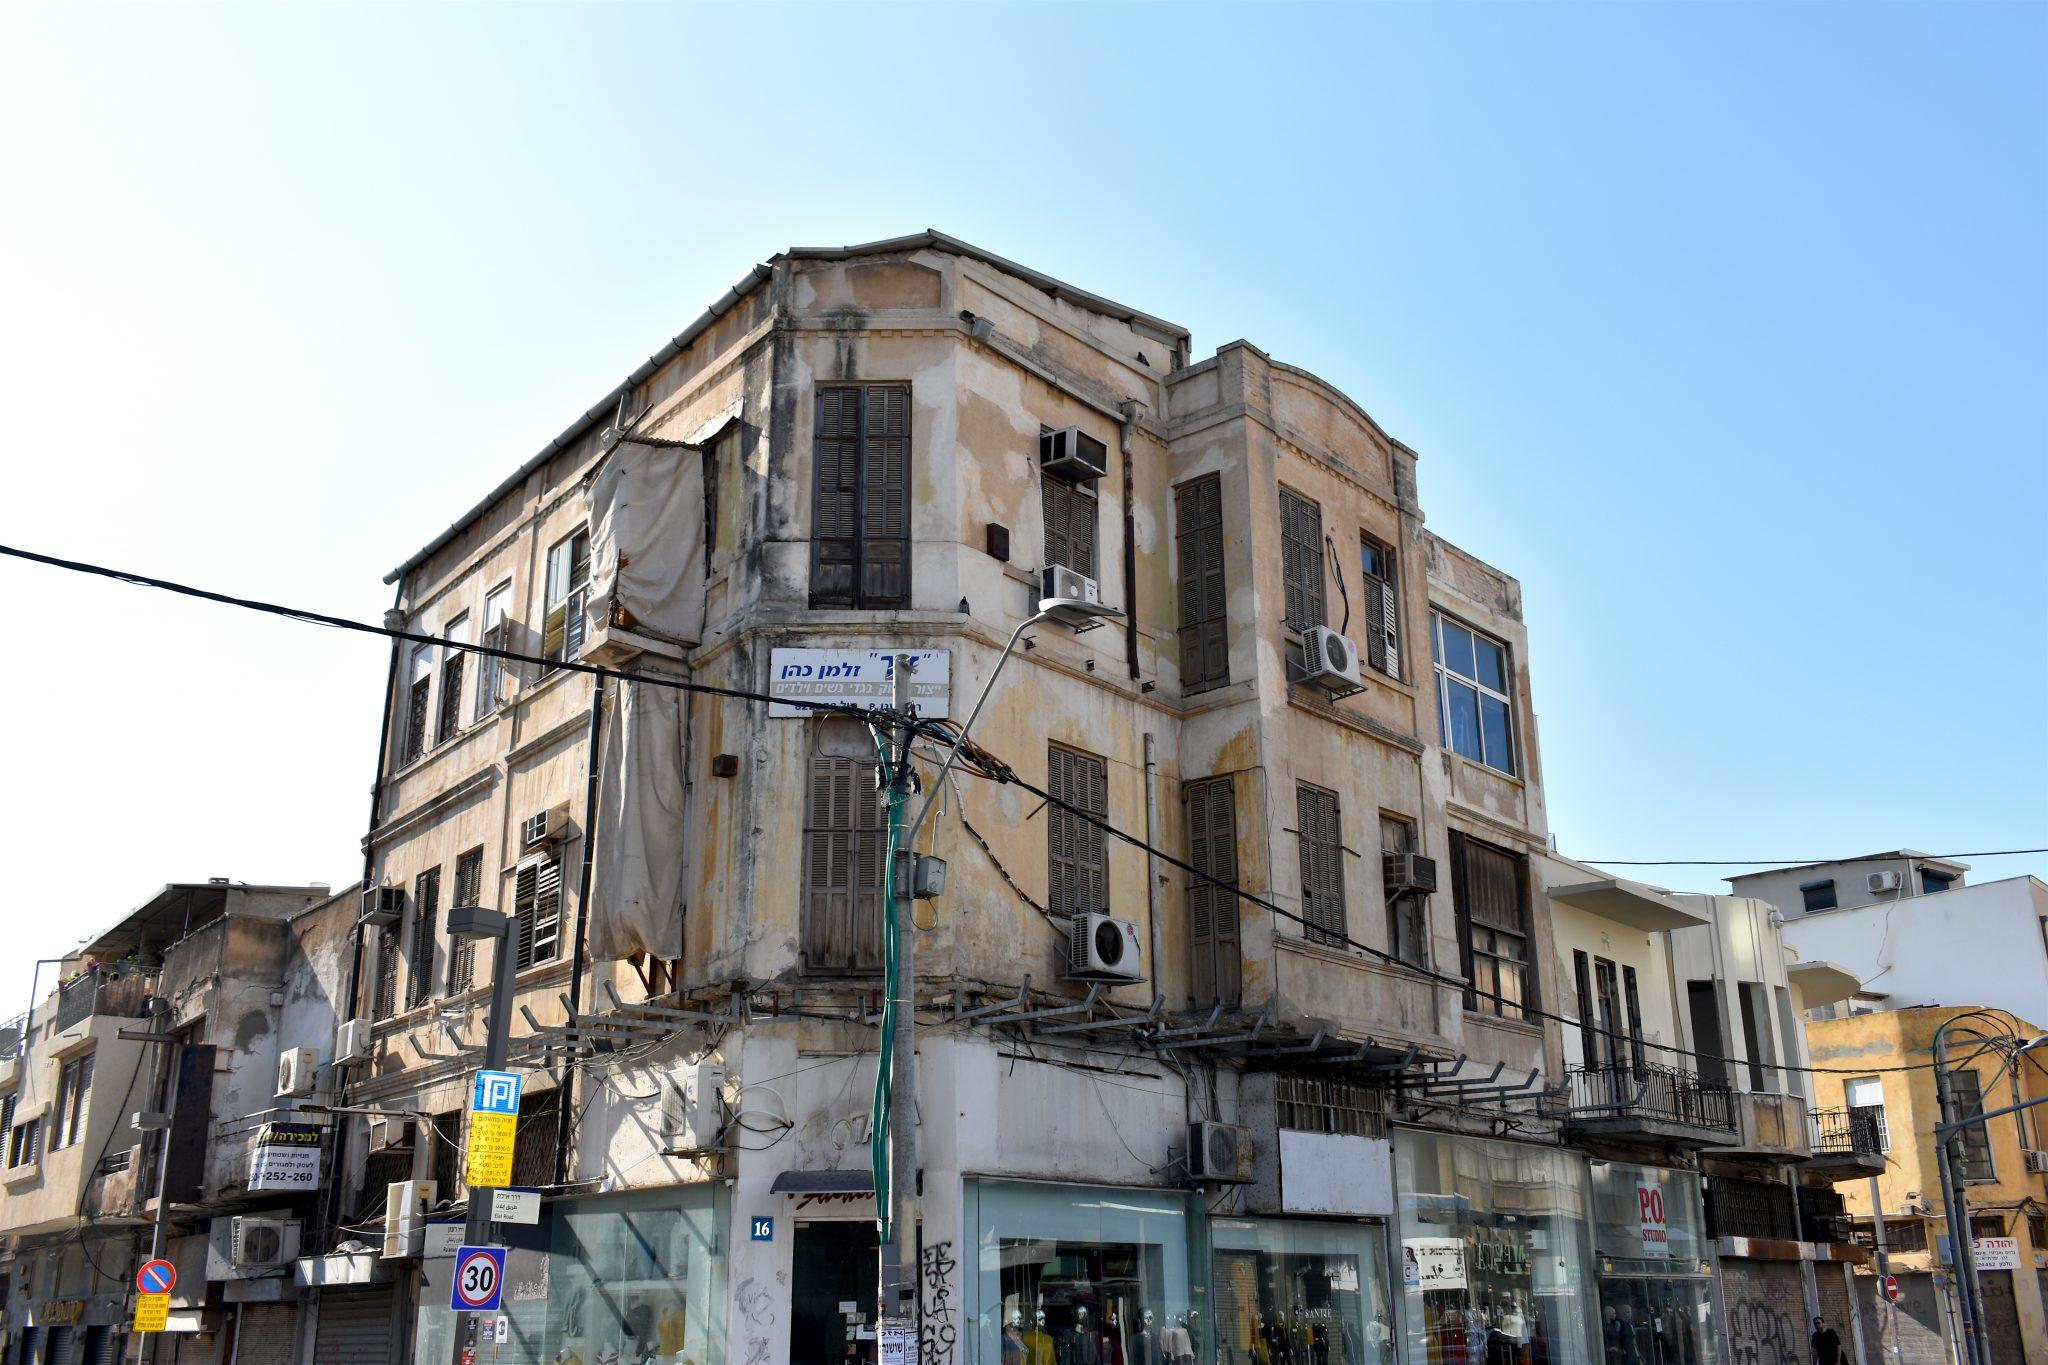 Tel Aviv palazzi vecchi - Israele - Le Plume